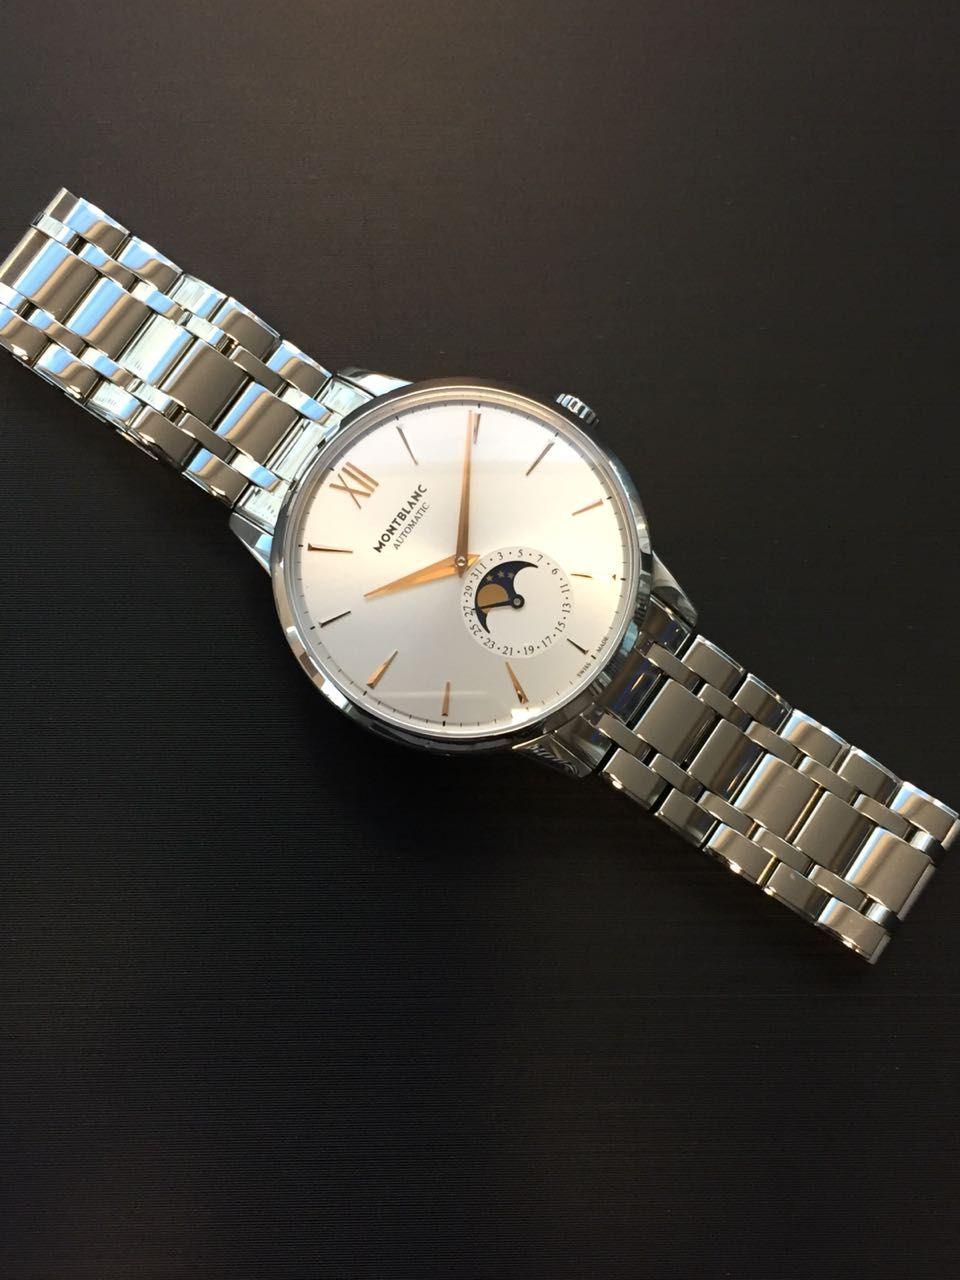 569148c4aac Relógio Montblanc Heritage Spirit Moonphase Ref.  7321. Caixa e Pulseira em  Aço Inoxidável